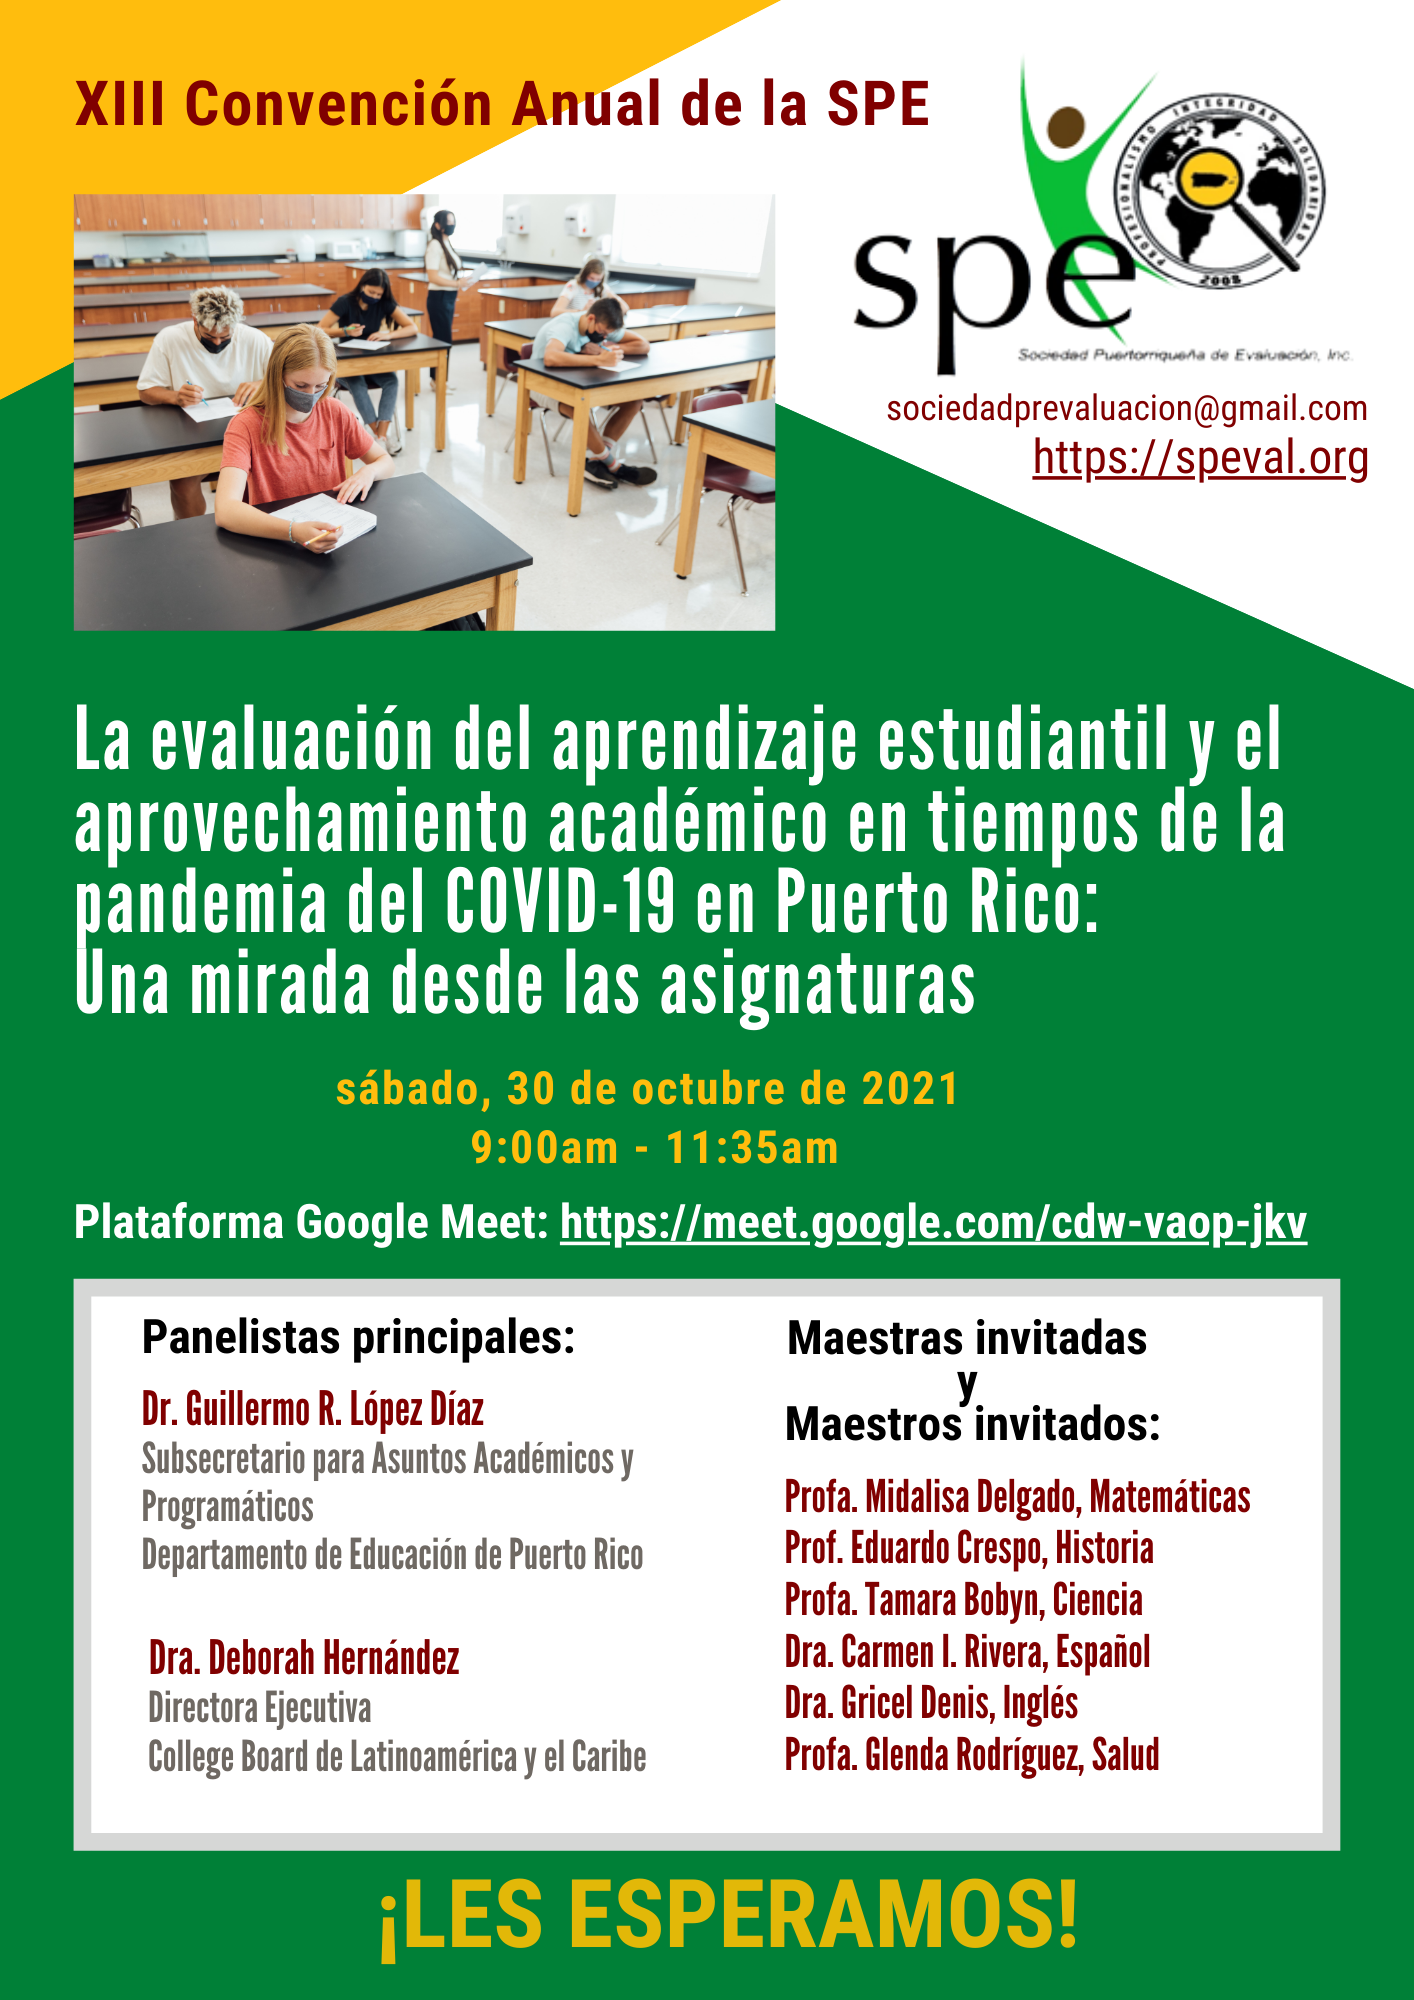 XIII Convención Anual de la SPE - 30 octubre 2021